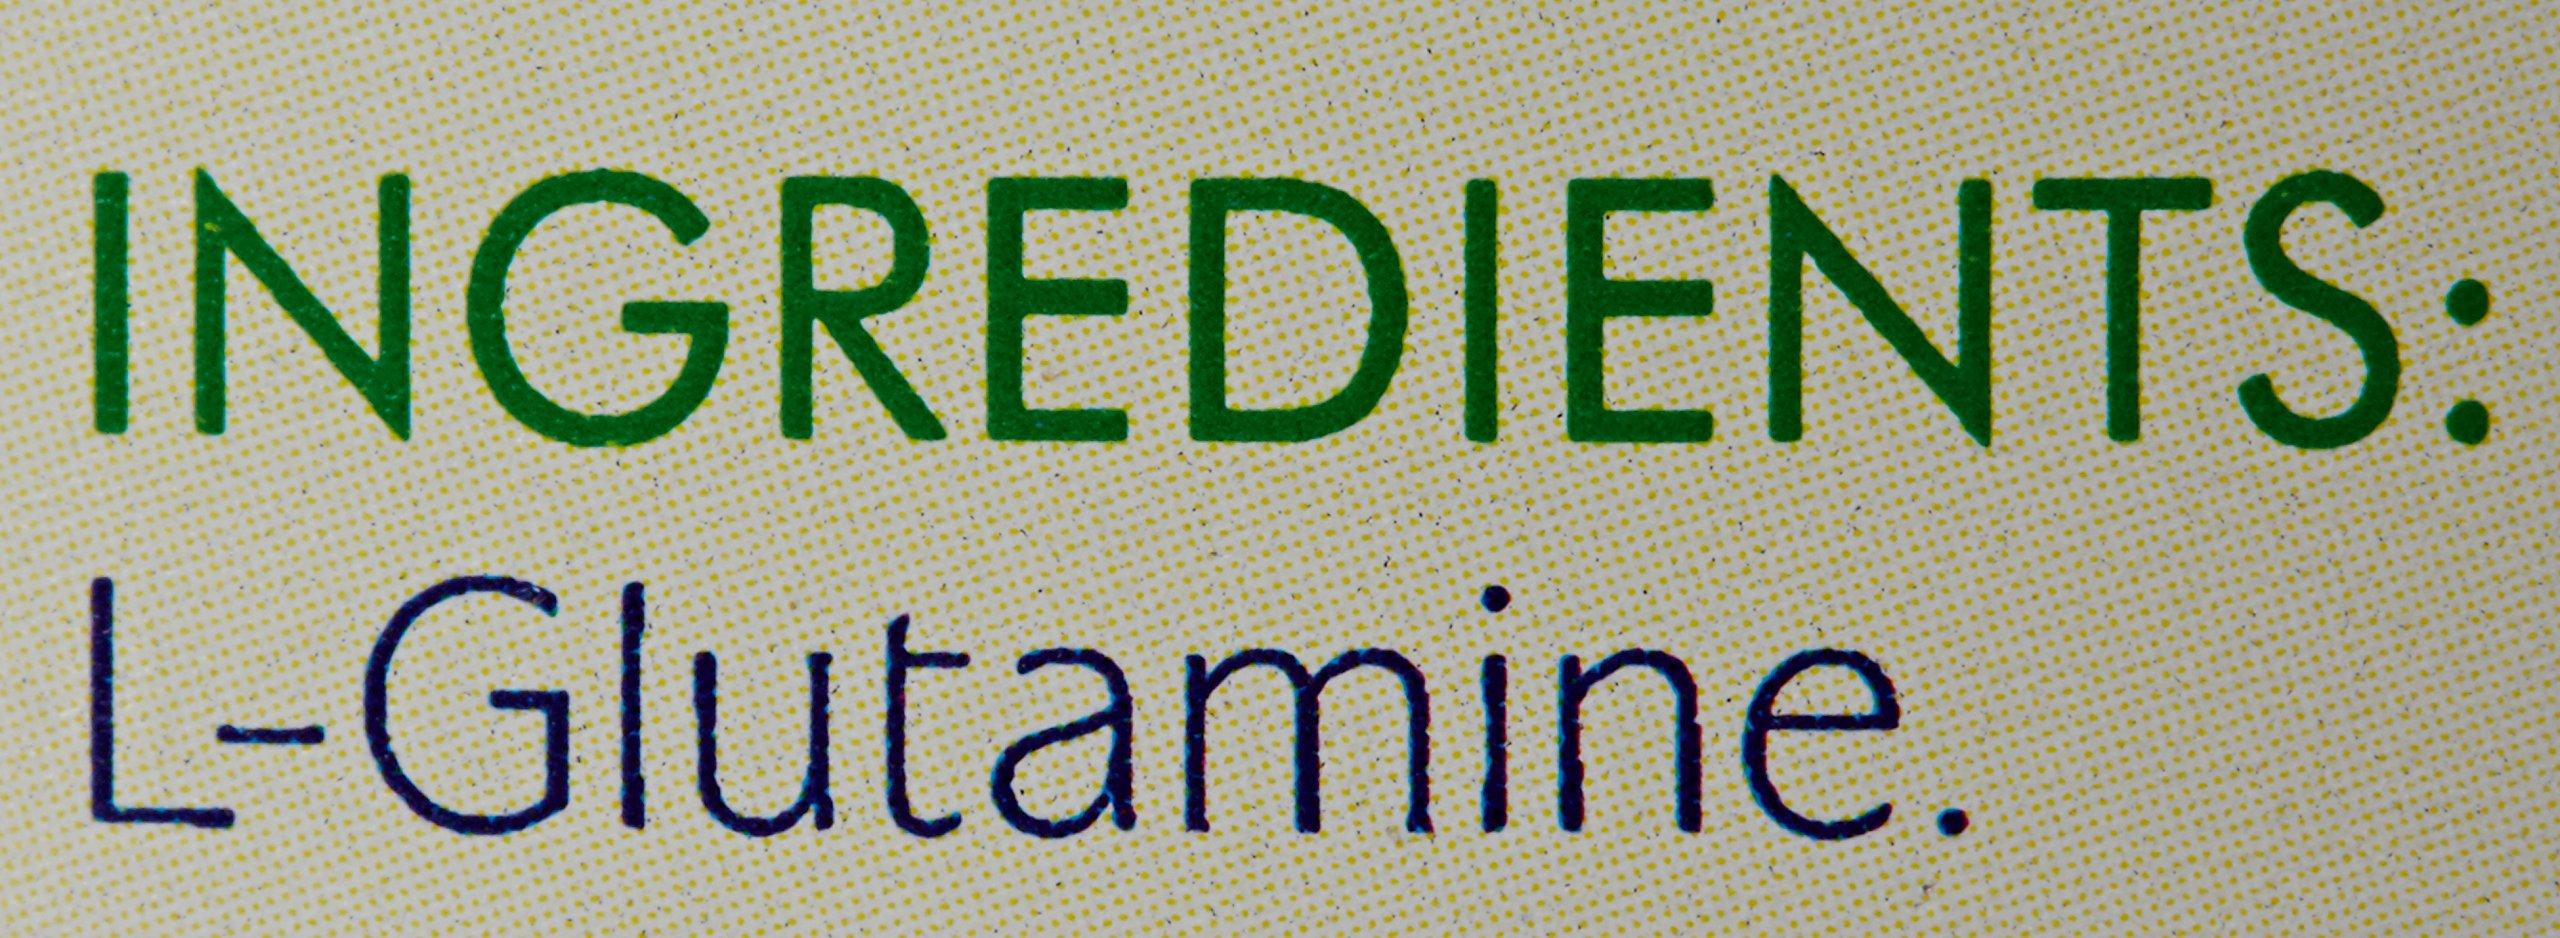 814drIk %2BJL - Higher Nature 200g Glutamine Powder